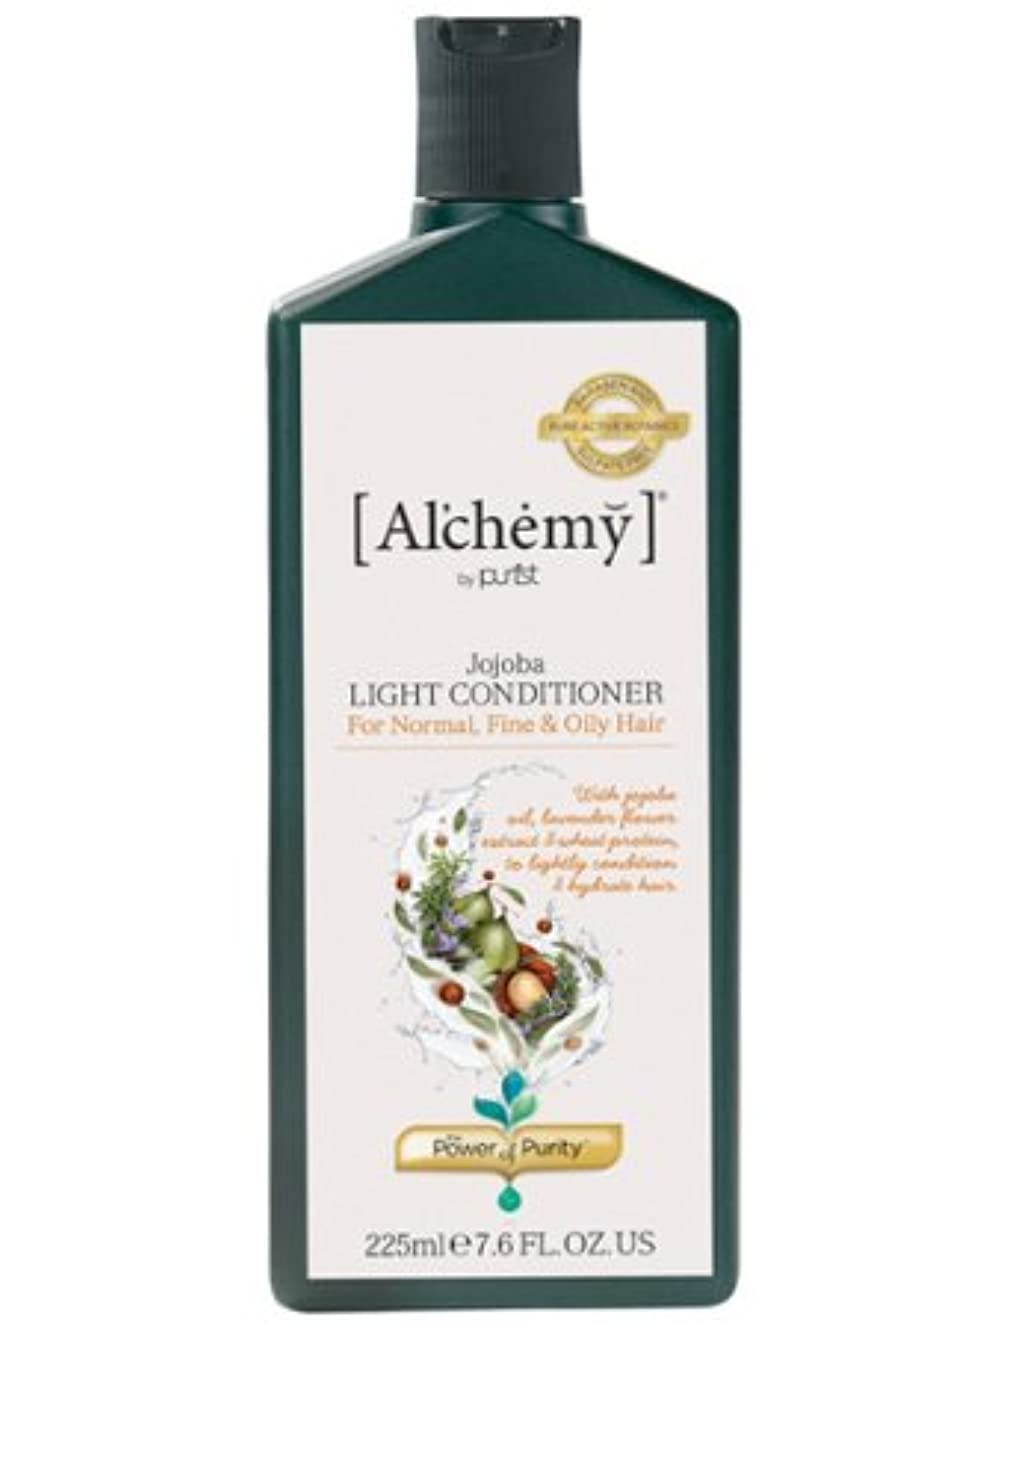 無駄に発信混雑【Al'chemy(alchemy)】アルケミー ホホバライト コンディショナー(Jojoba, Light Conditioner)(ノーマルヘア用)225ml